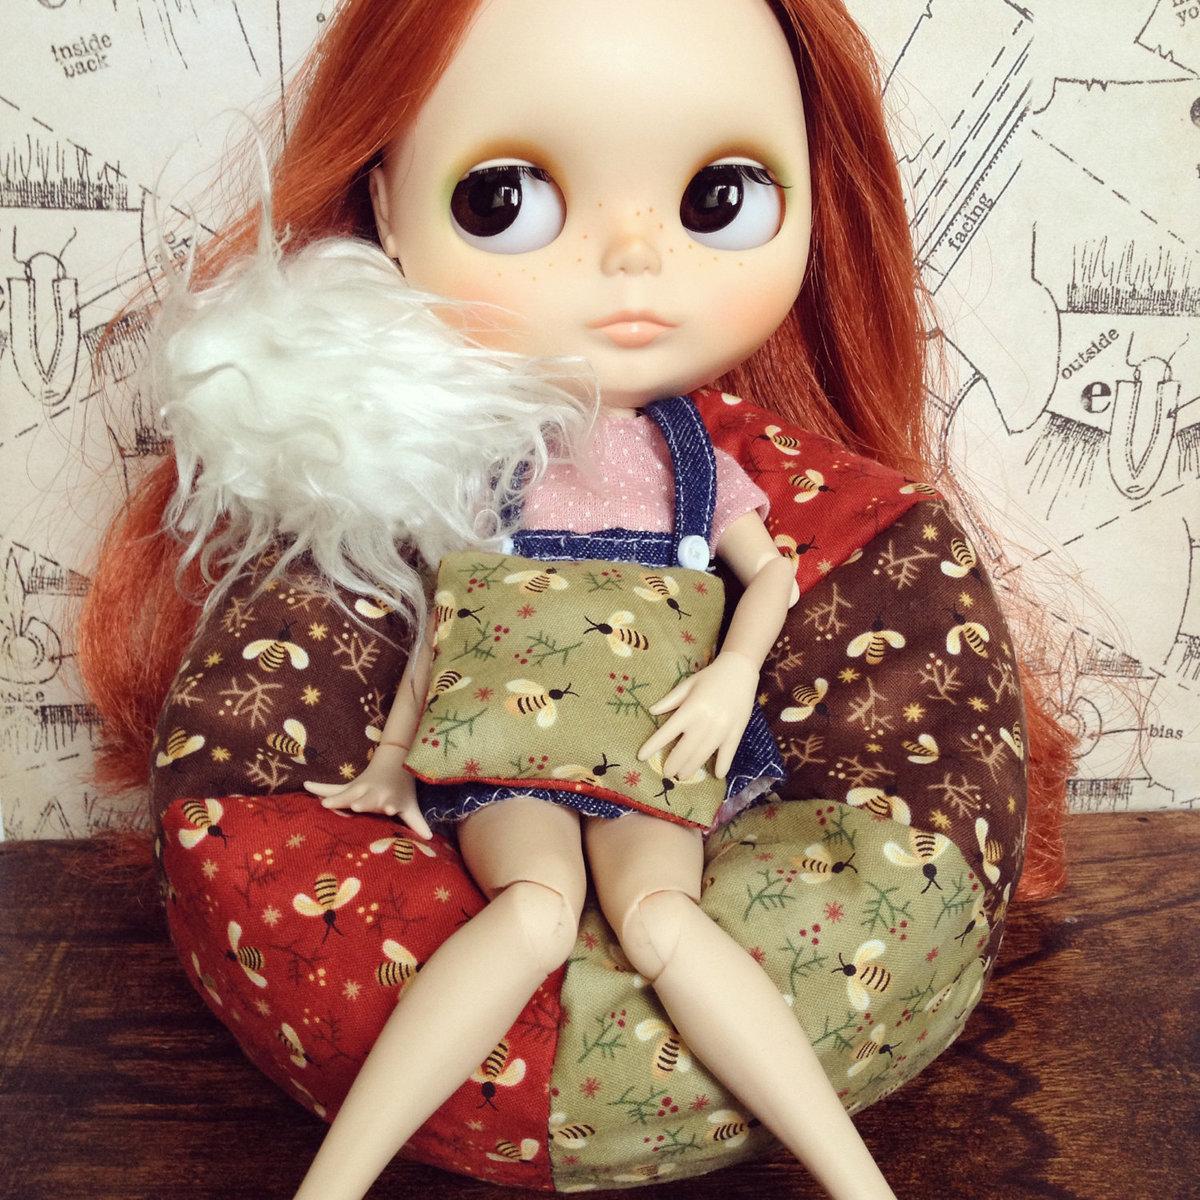 Для директора, картинки самодельные куклы